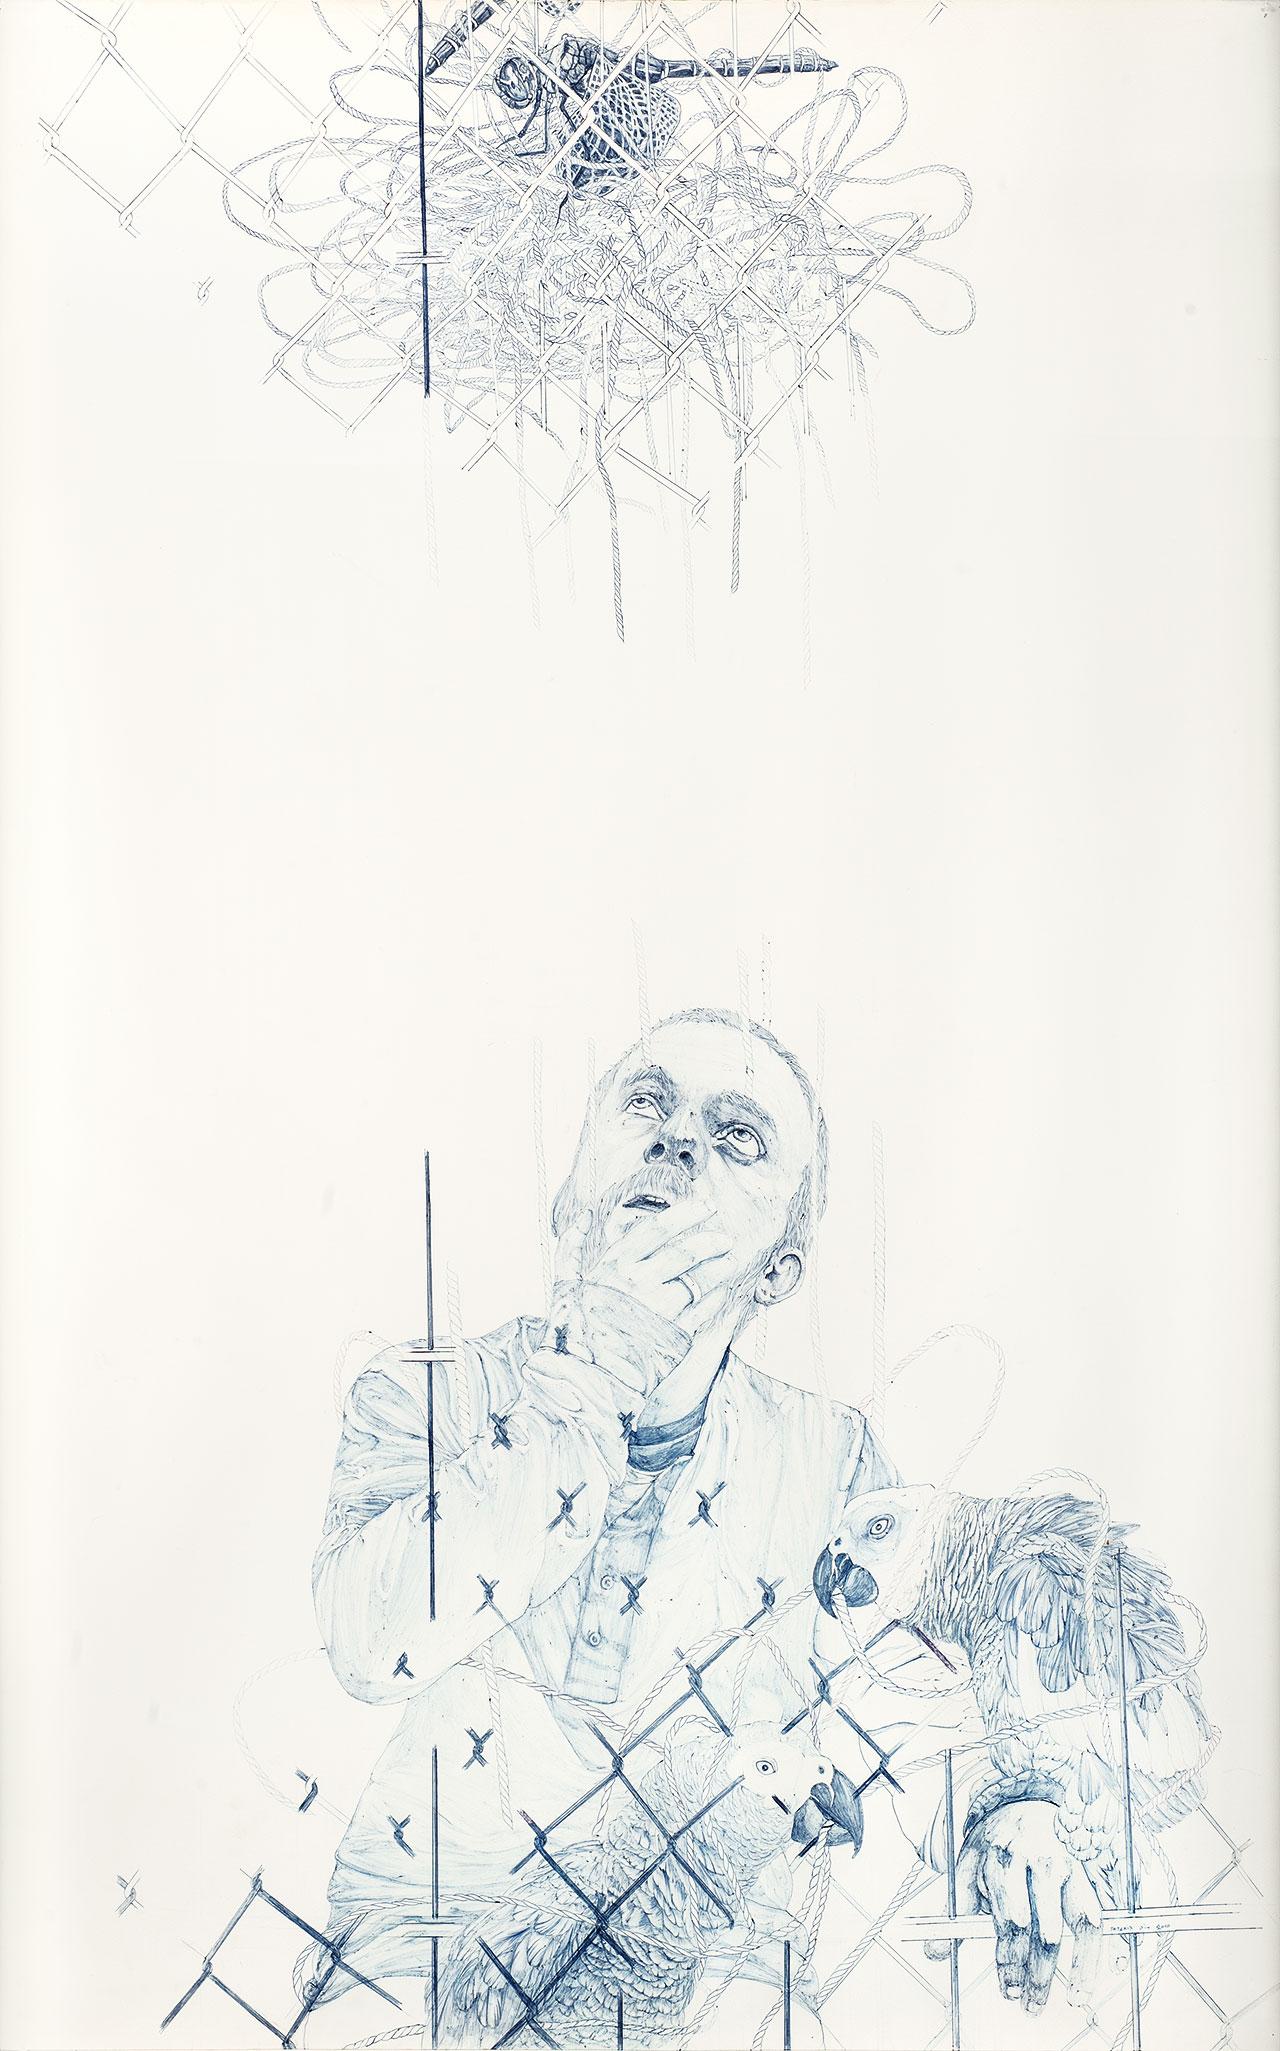 Άτιτλο, 2010, μελάνι σε χαρτί, 120x80 εκ.